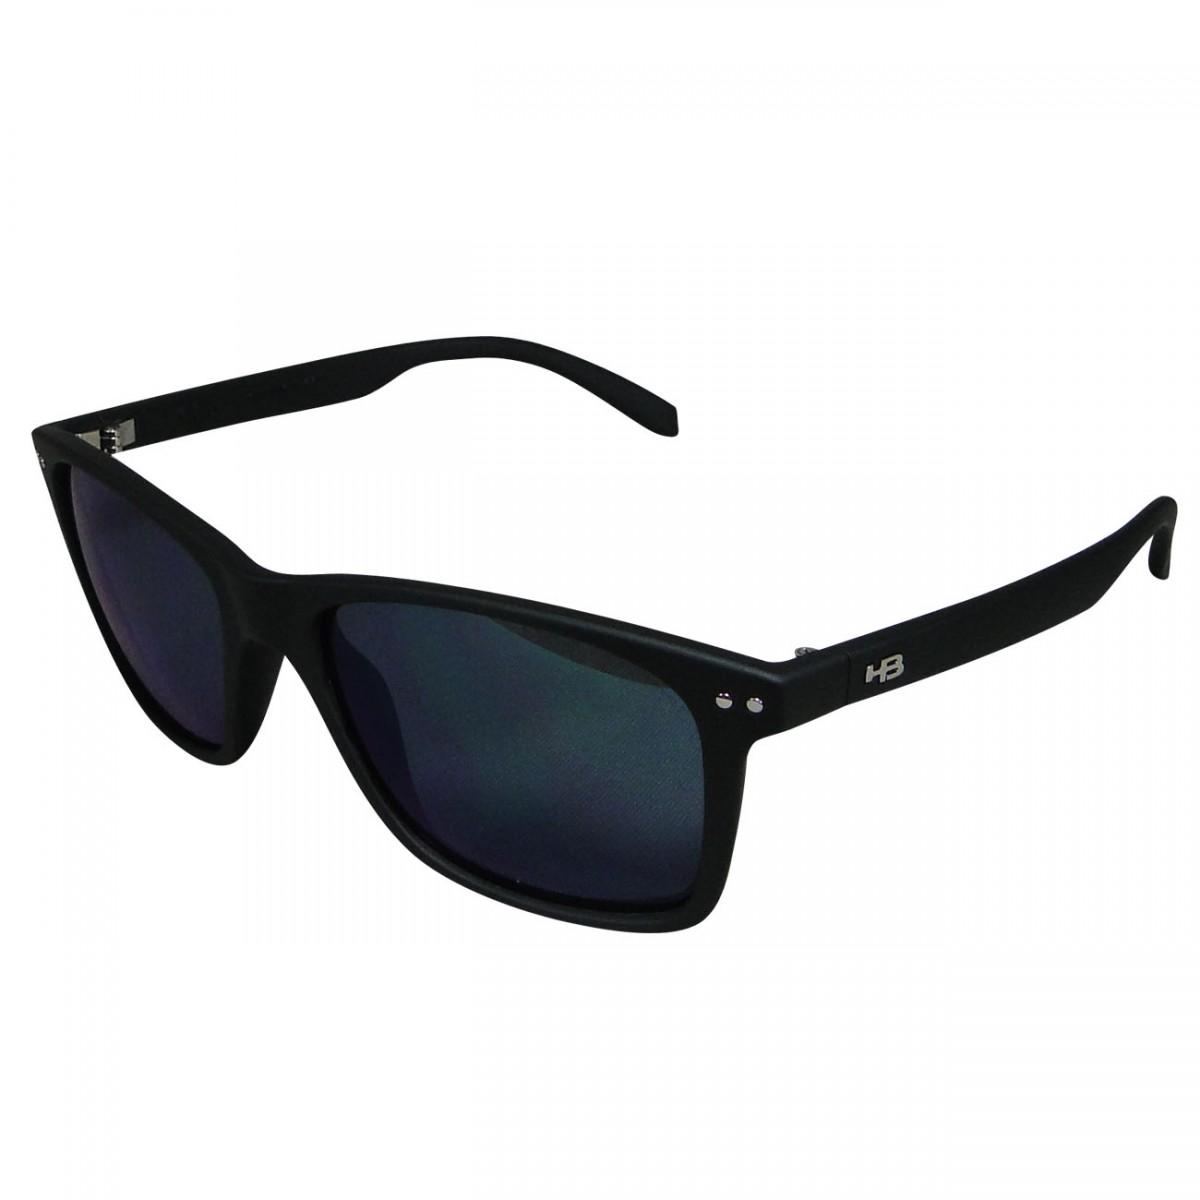 082255c6e Oculos HB Nevermind 90105001 - Preto/Fosco/Azul - Chuteira Nike ...